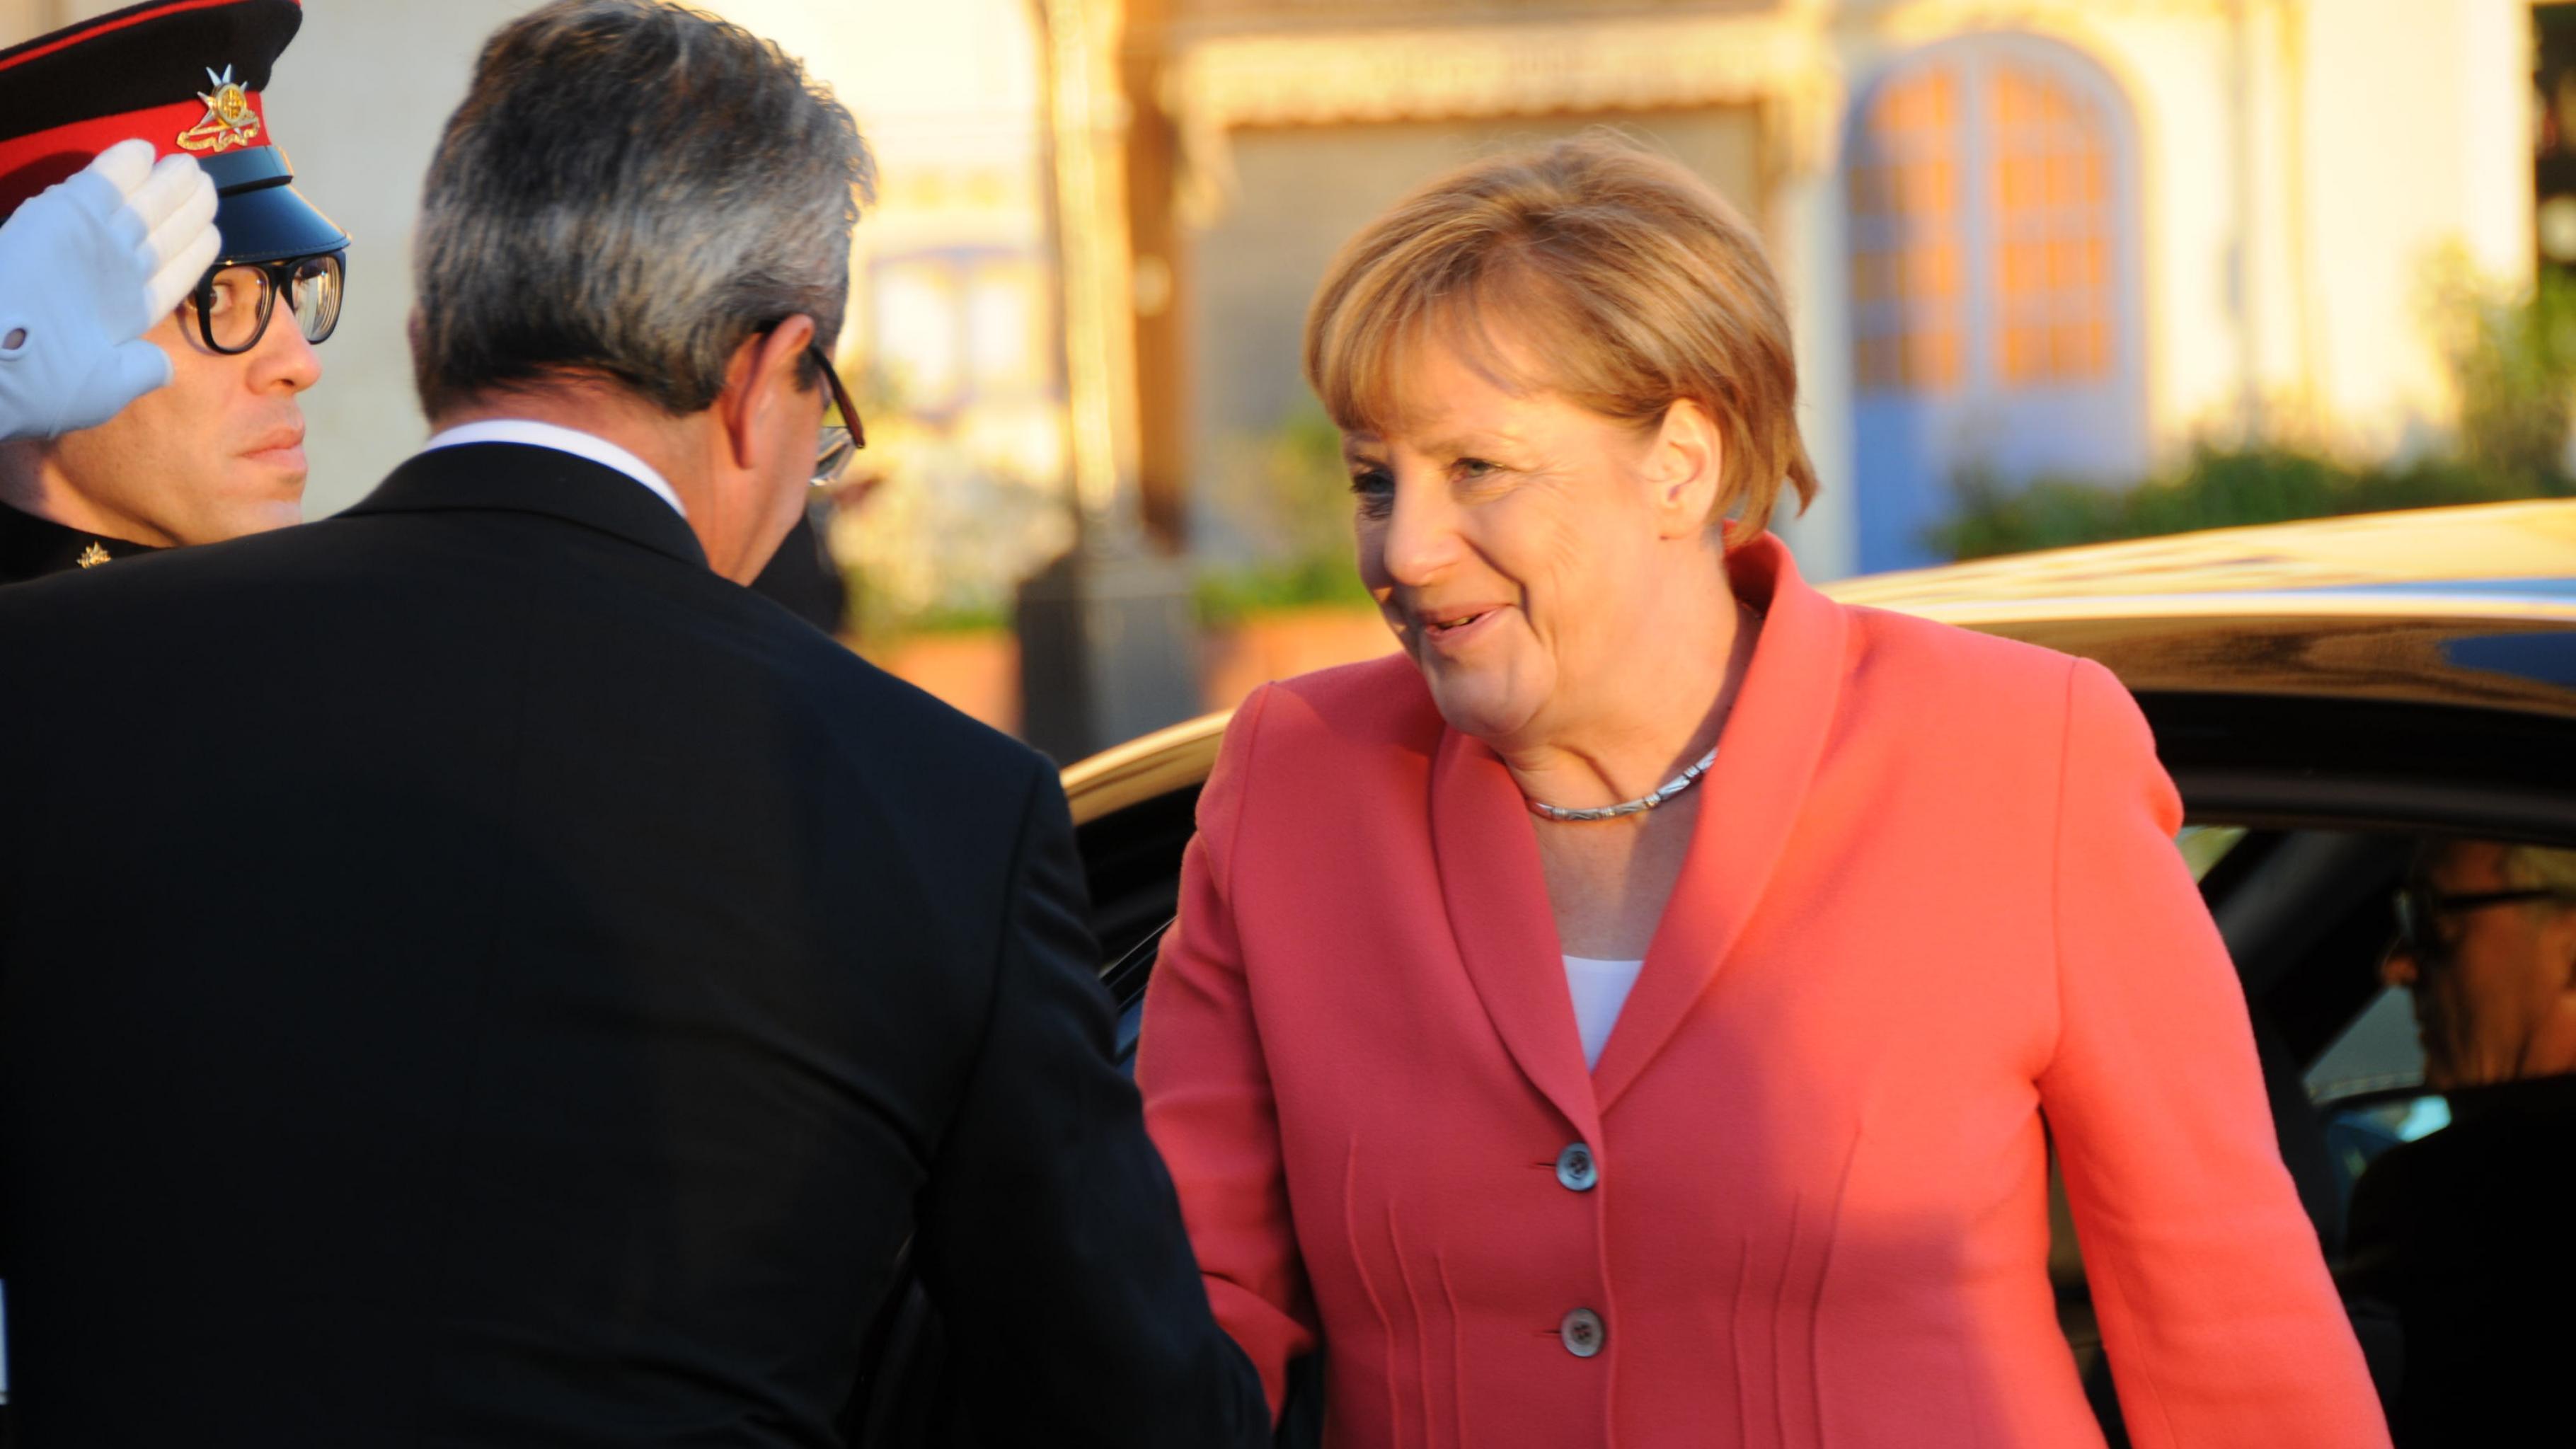 Angela Merkel steigt aus dem Auto aus und wird begrüßt